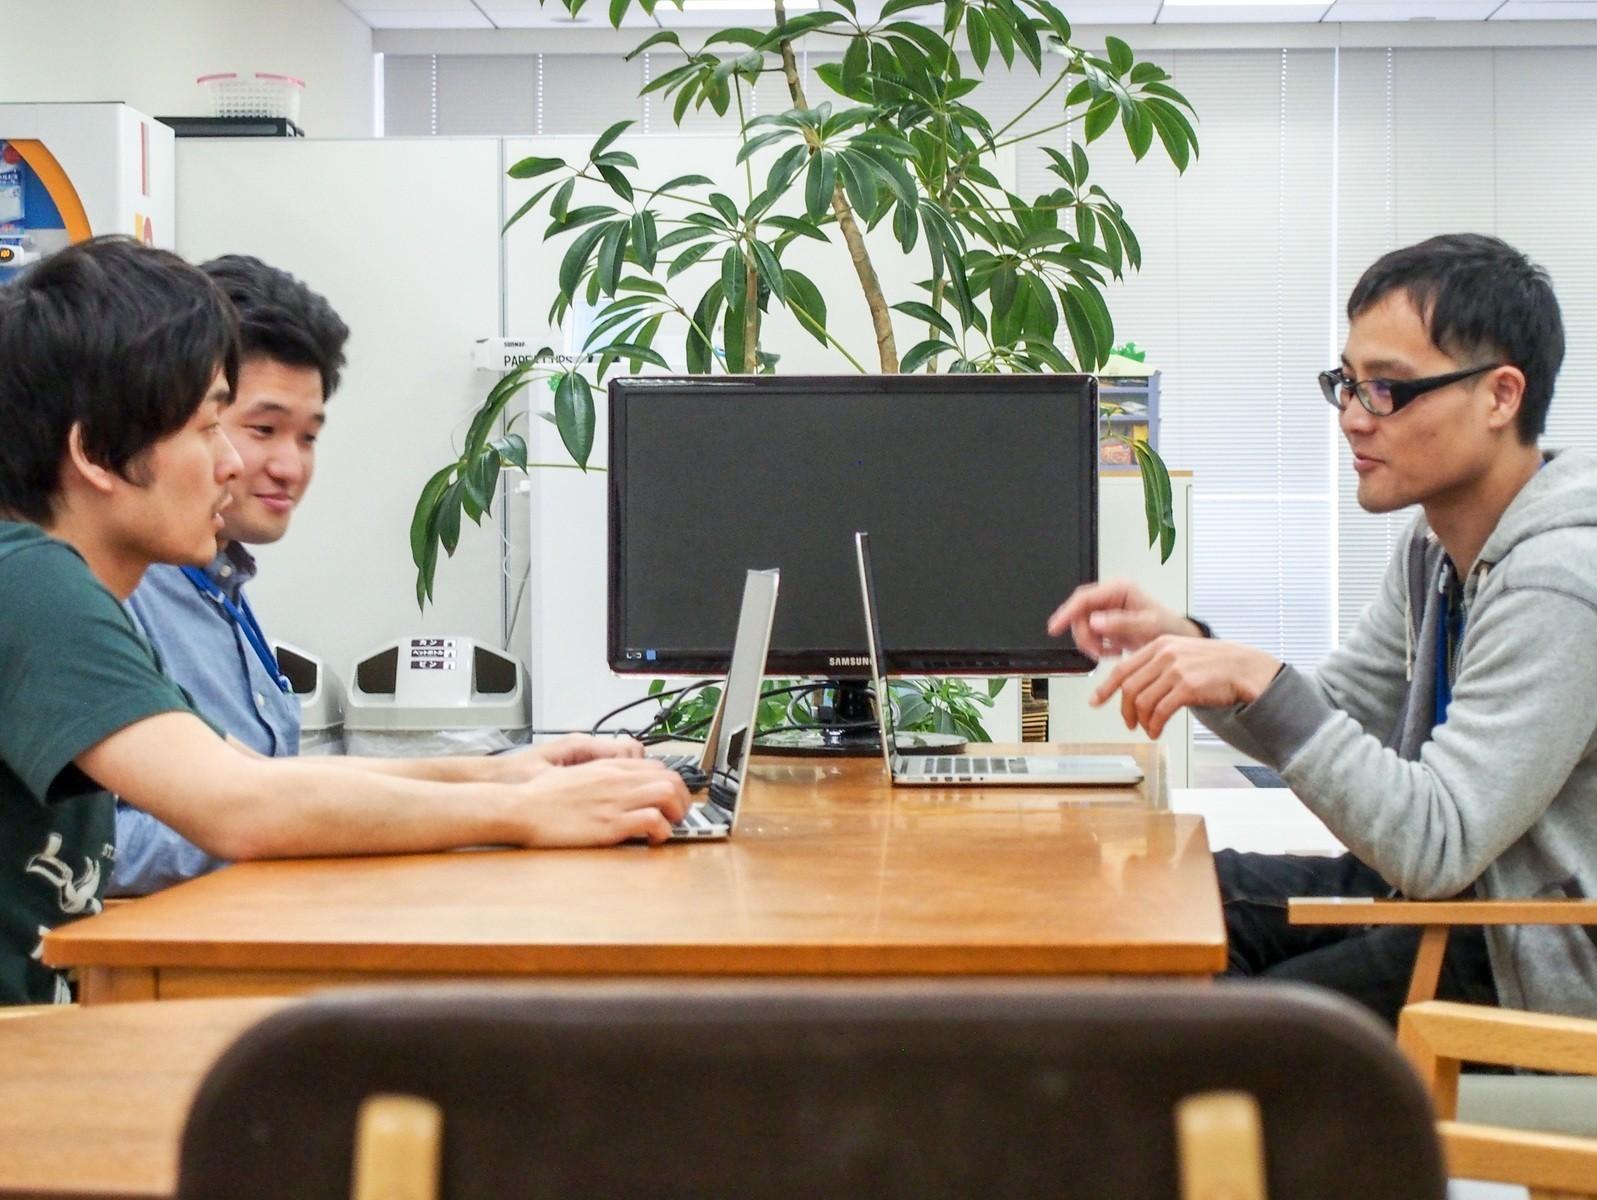 [CTO面接確約]NO1サービスで業界を変え、圧倒的に自分を成長させる!WEBアプリエンジニア(パネル開発)